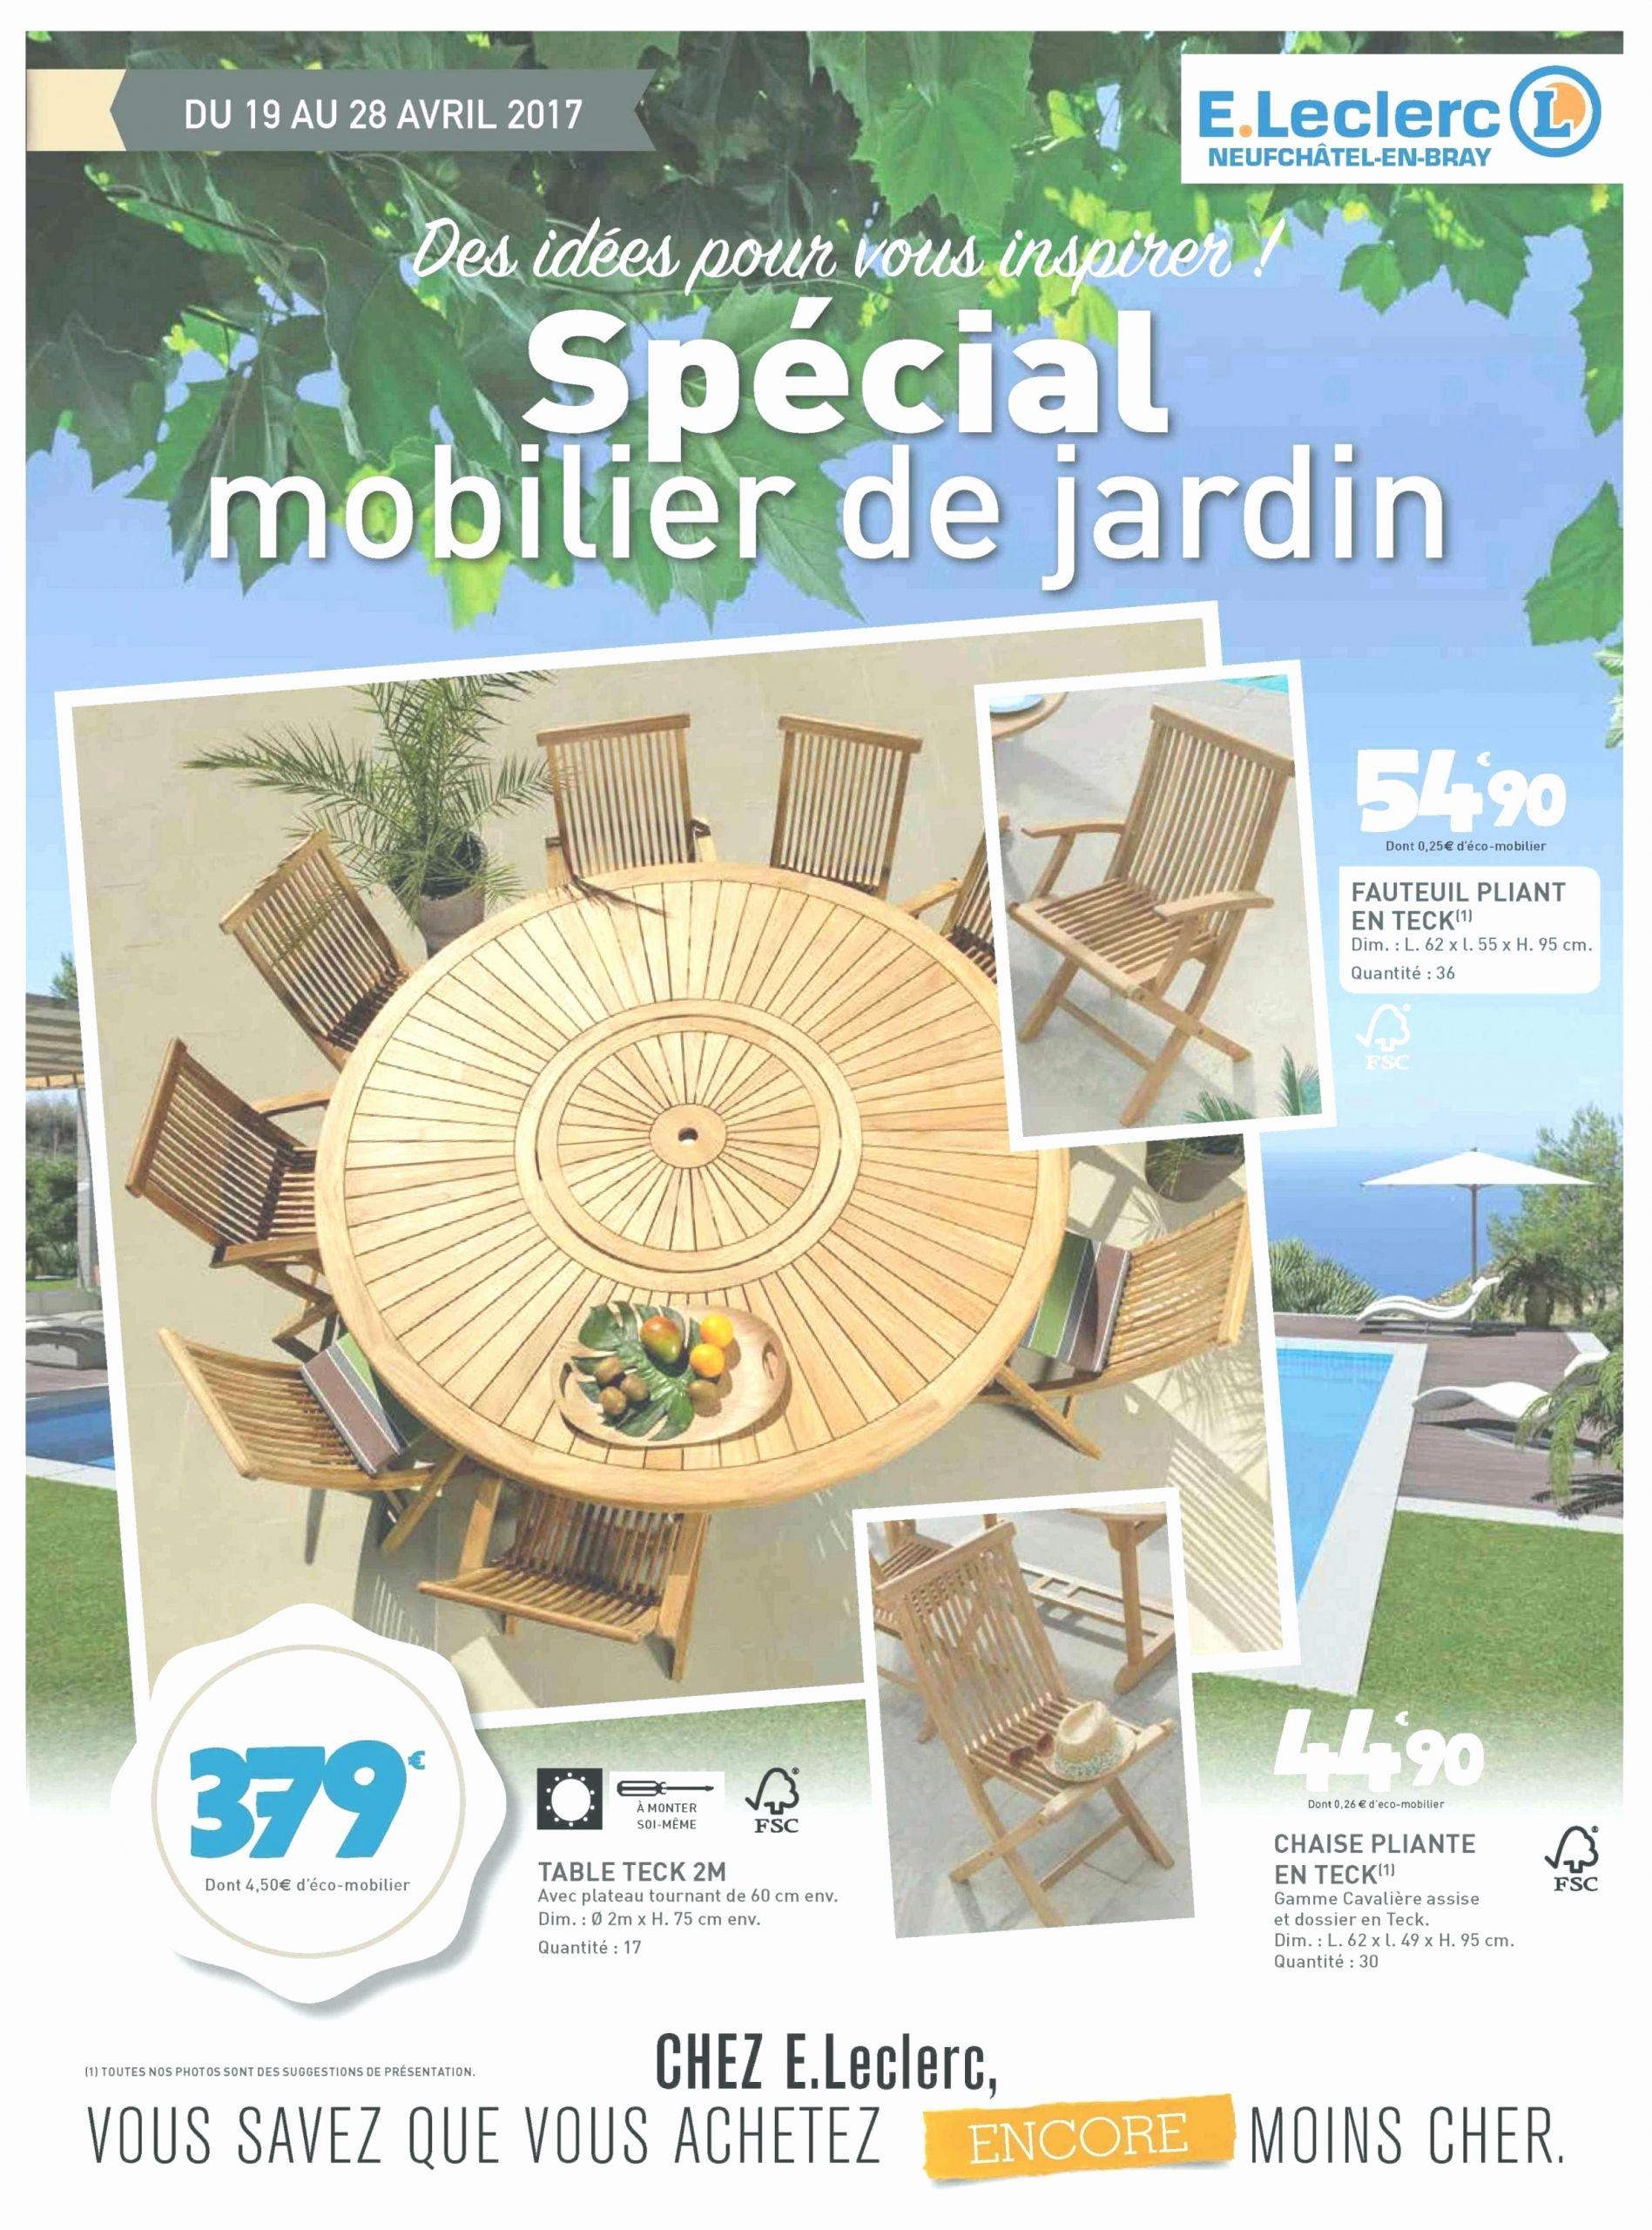 construire un abri de jardin pas cher unique brico depot cabane de jardin unique galerie xylophene meuble 0d of construire un abri de jardin pas cher